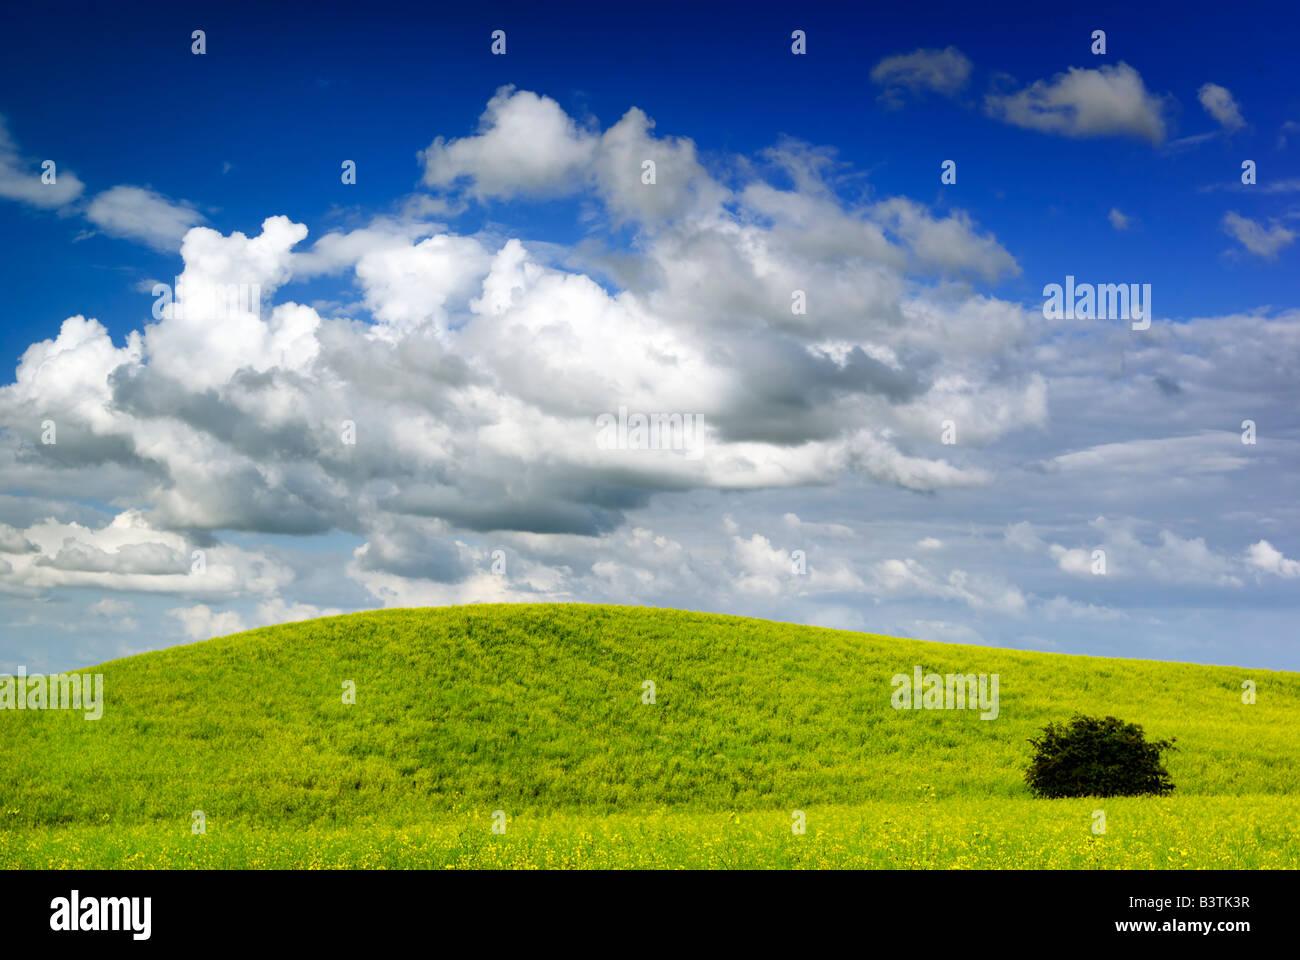 Paisaje de verano - ver saturada de pradera. Europa, Polonia. Adobe RGB (1998). Foto de stock